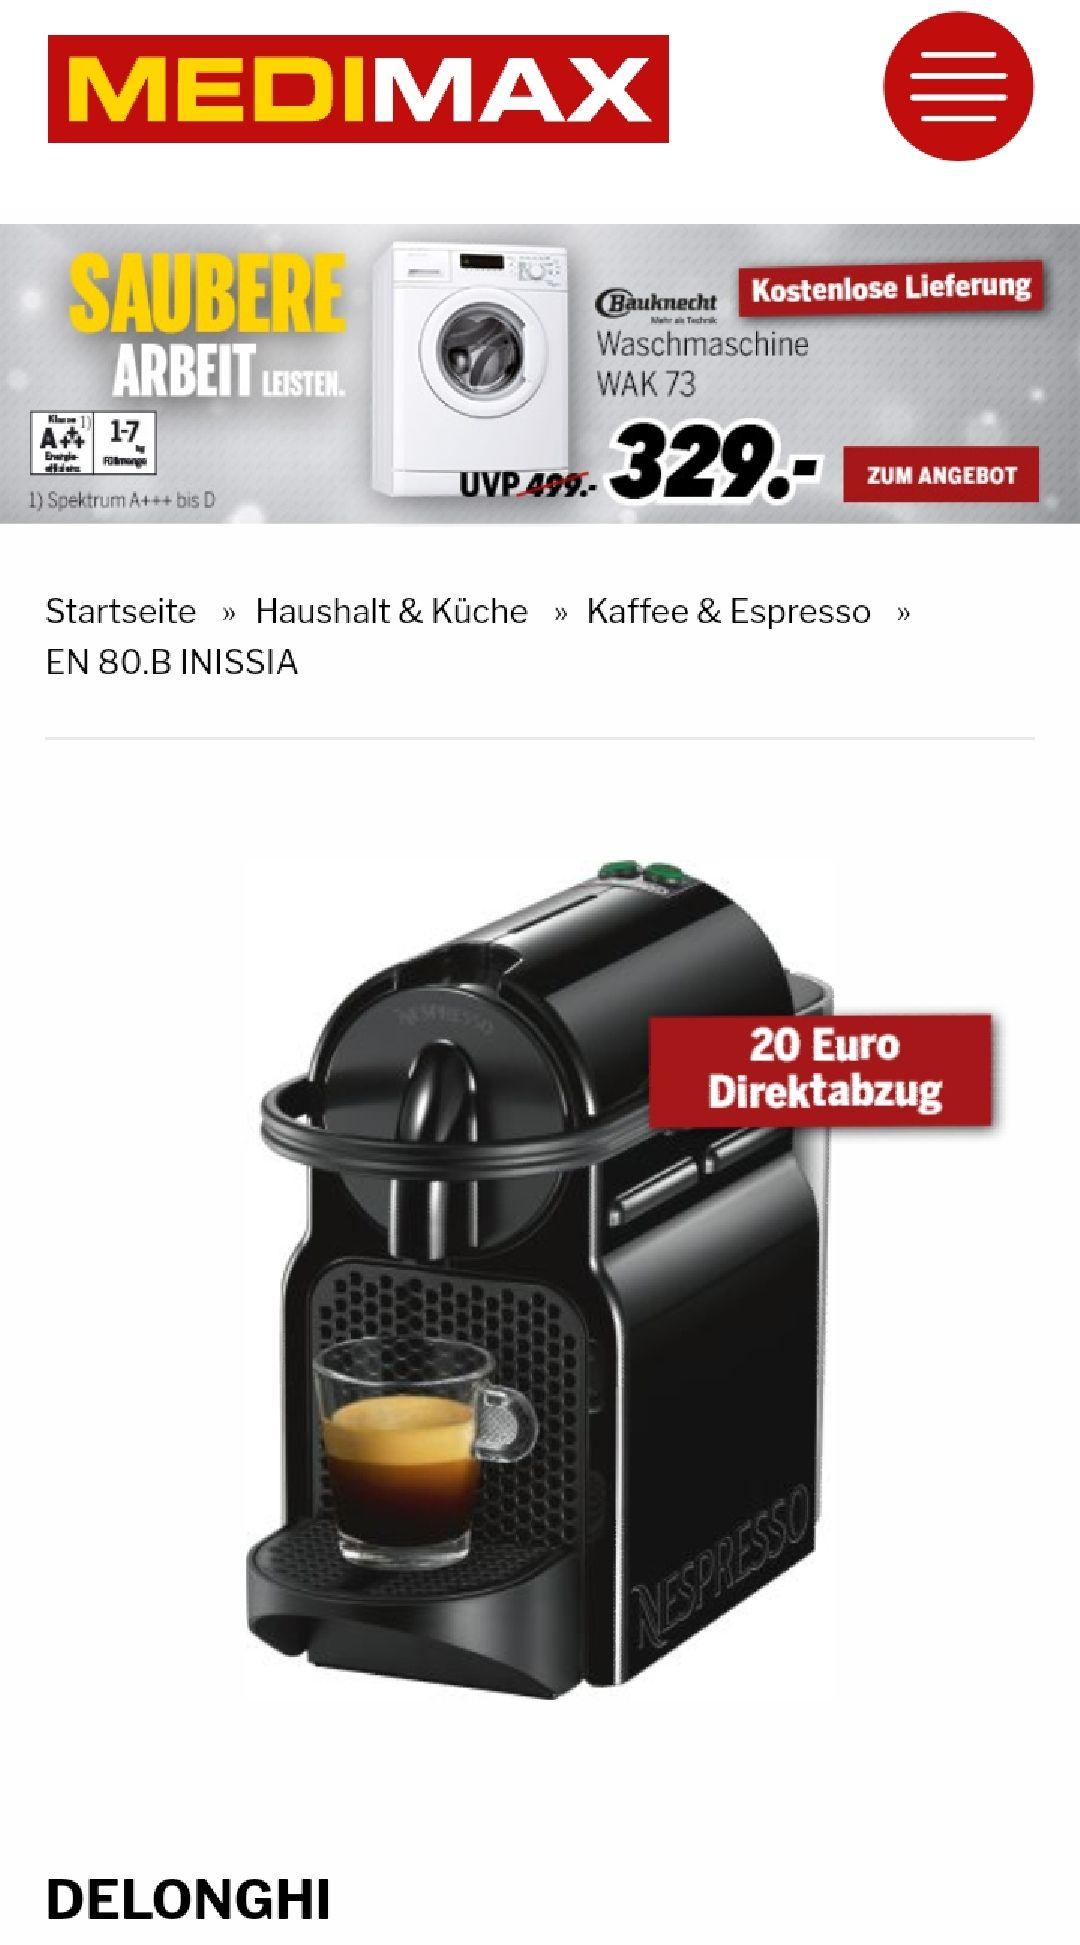 [Lokal] Nespresso Krups Inissia XN1001 bei MediMax + 40€ Gutschein